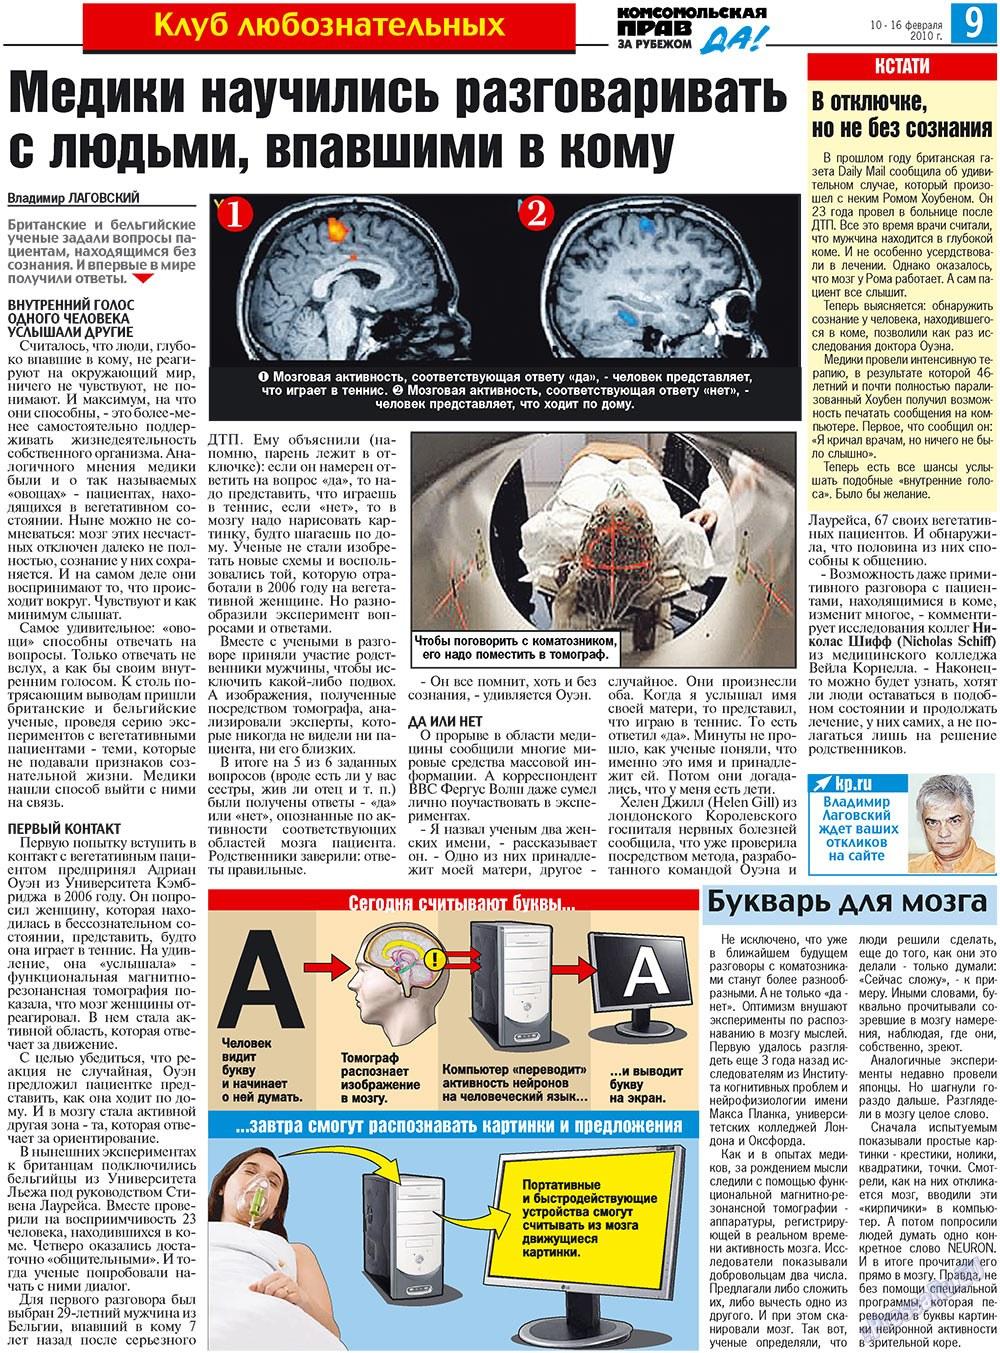 Наша Газета Ирландия (газета). 2010 год, номер 6, стр. 17